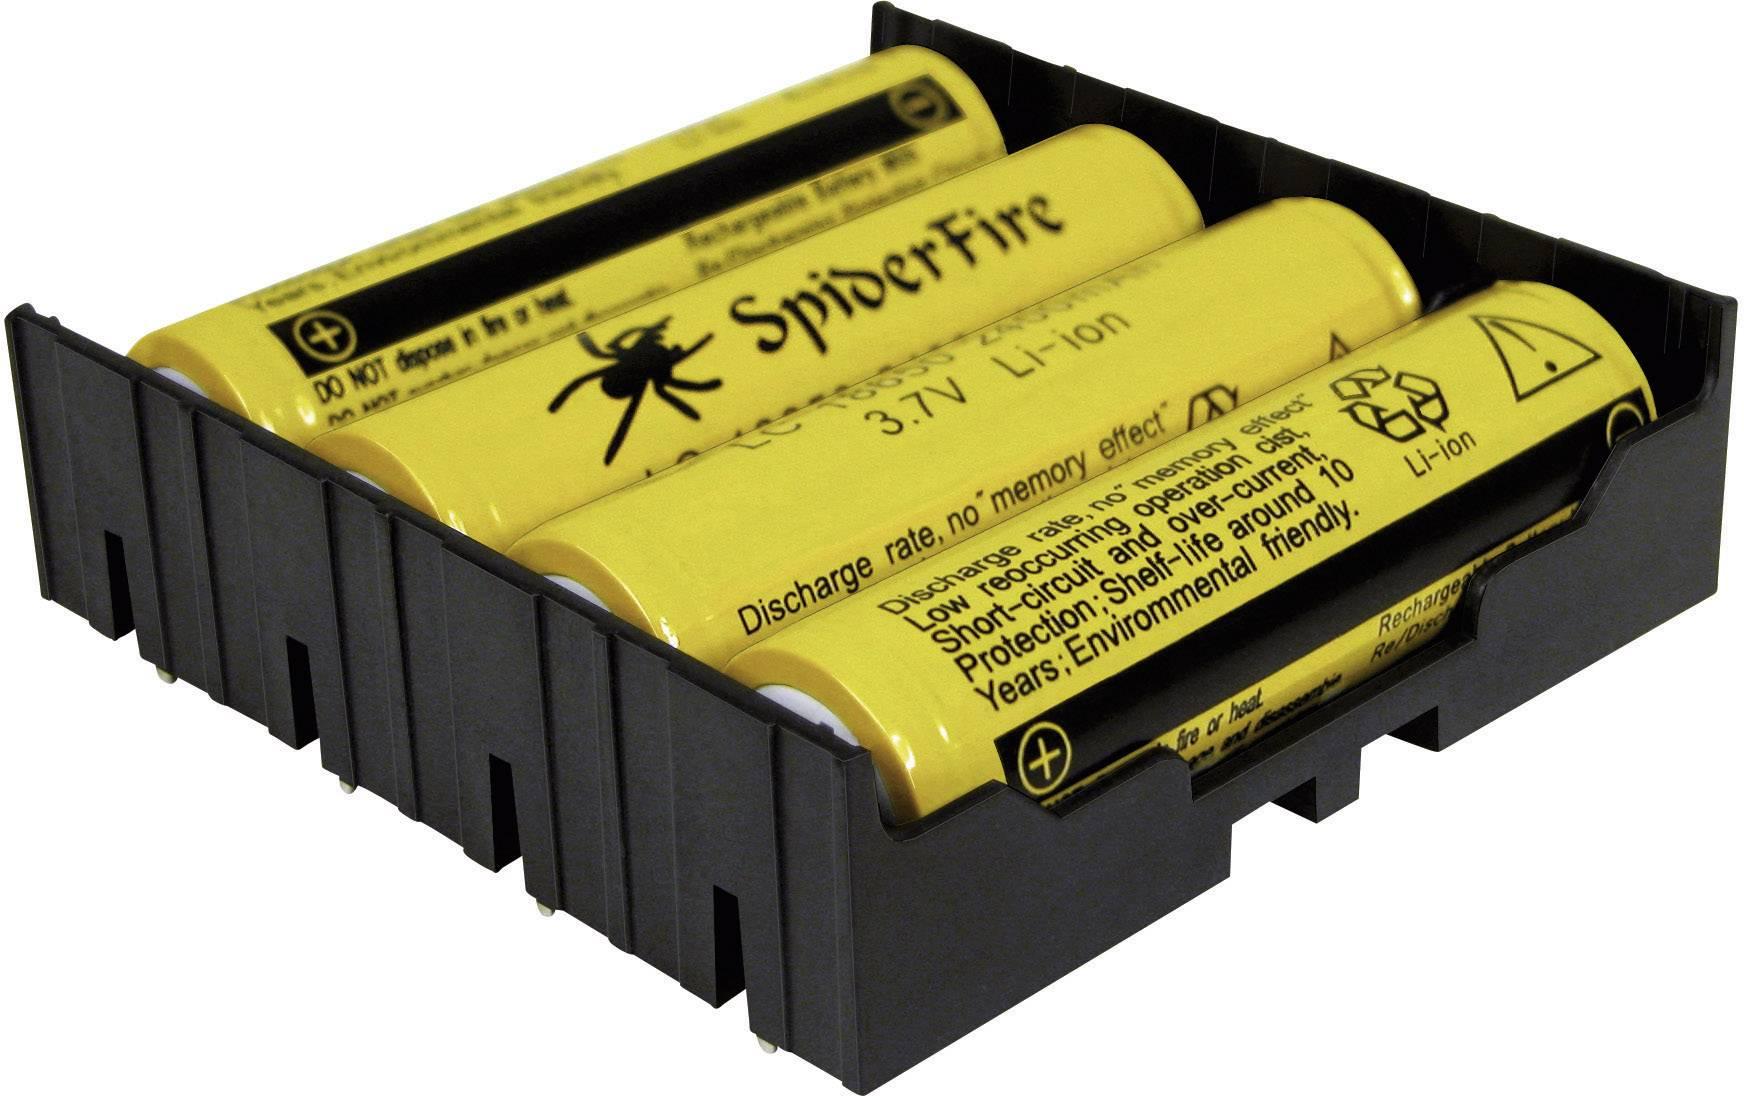 Batériový držák na 4x 18650 MPD BK-18650-PC8, (d x š x v) 77.98 x 78.84 x 21.54 mm